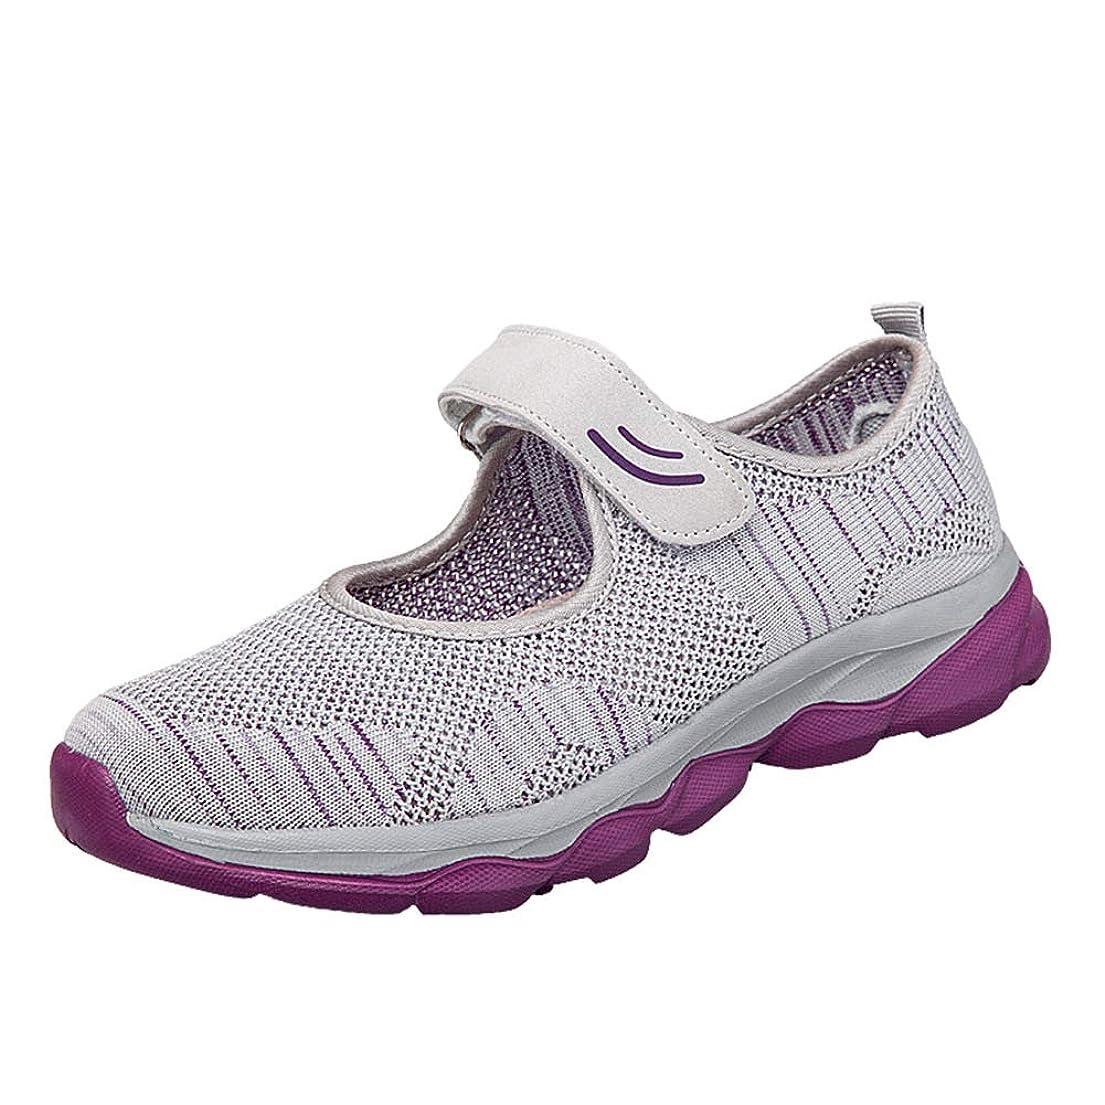 フィドル書き込み二度[Kanouhope] スニーカー メンズ レディース 介護シューズ 高齢者シューズ 安全靴 ナースシューズ マジックテープ 外反母趾 気性 柔軟性 メッシュ 中高齢者靴 3色 普段履き(23.0cm~27.5cm)